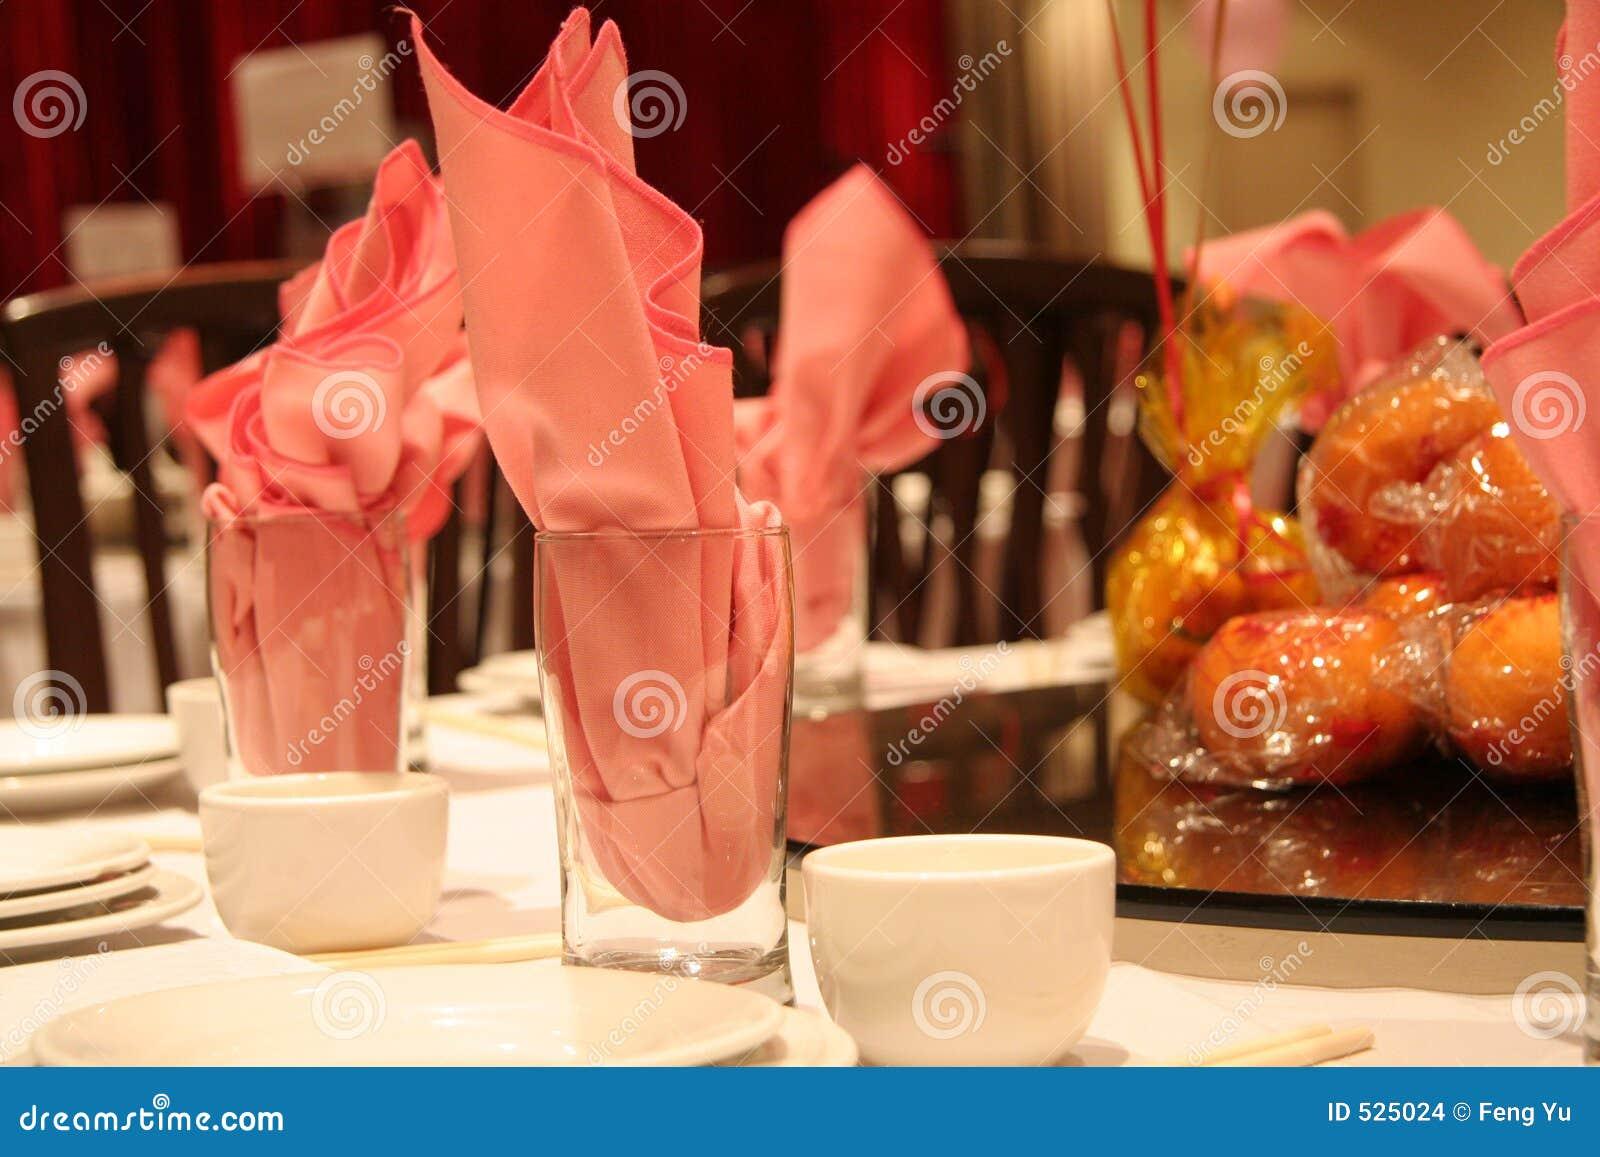 Download 中国餐馆 库存照片. 图片 包括有 设置, 餐馆, 汉语, 橙色, 玻璃, 粉红色, 牌照, 午餐, 筷子, 服务 - 525024